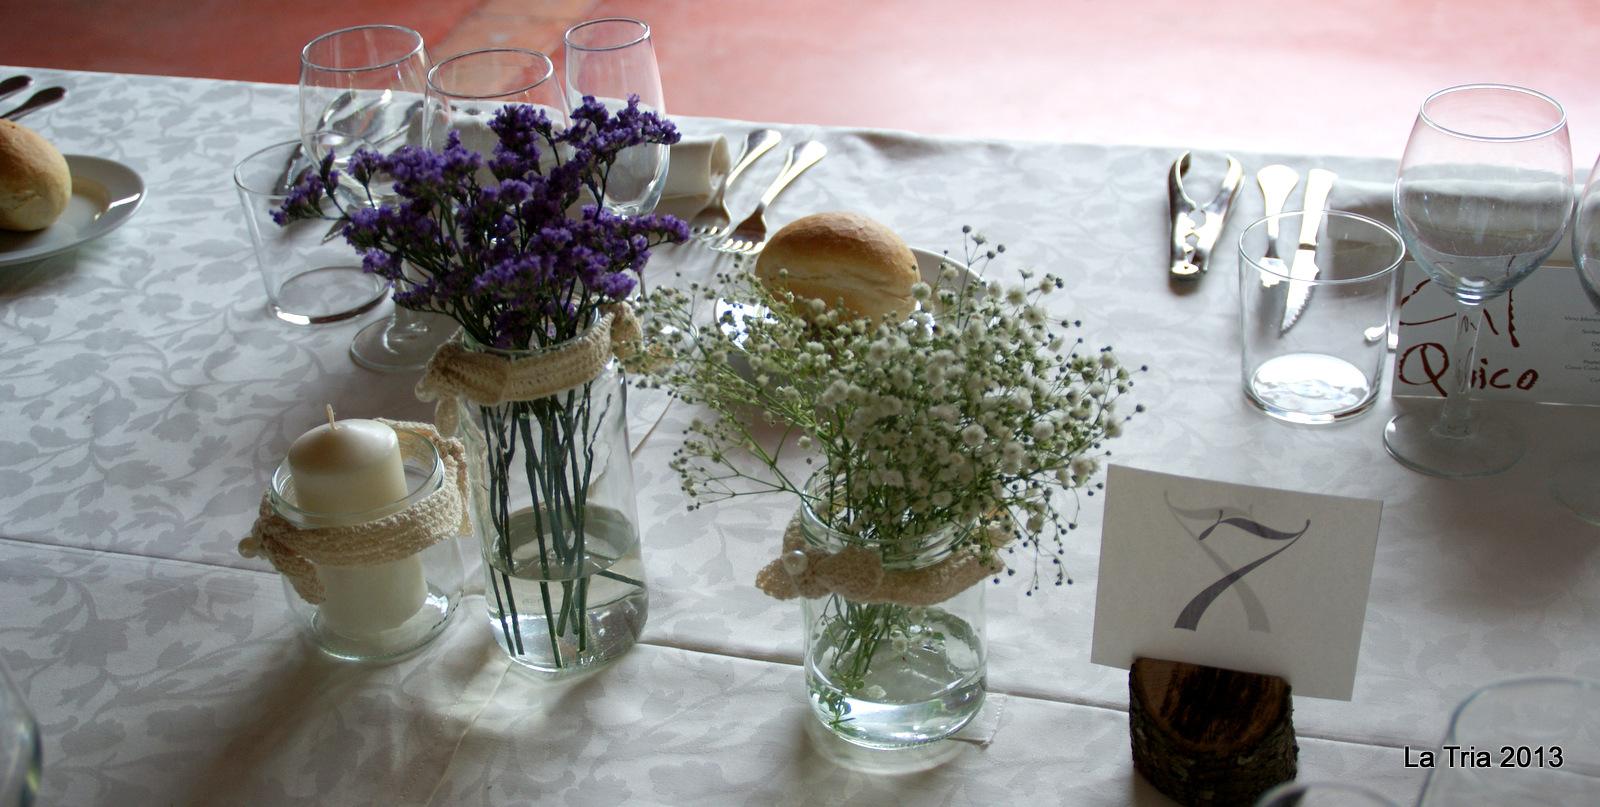 Wedding Venues in Barcelona - La Tria